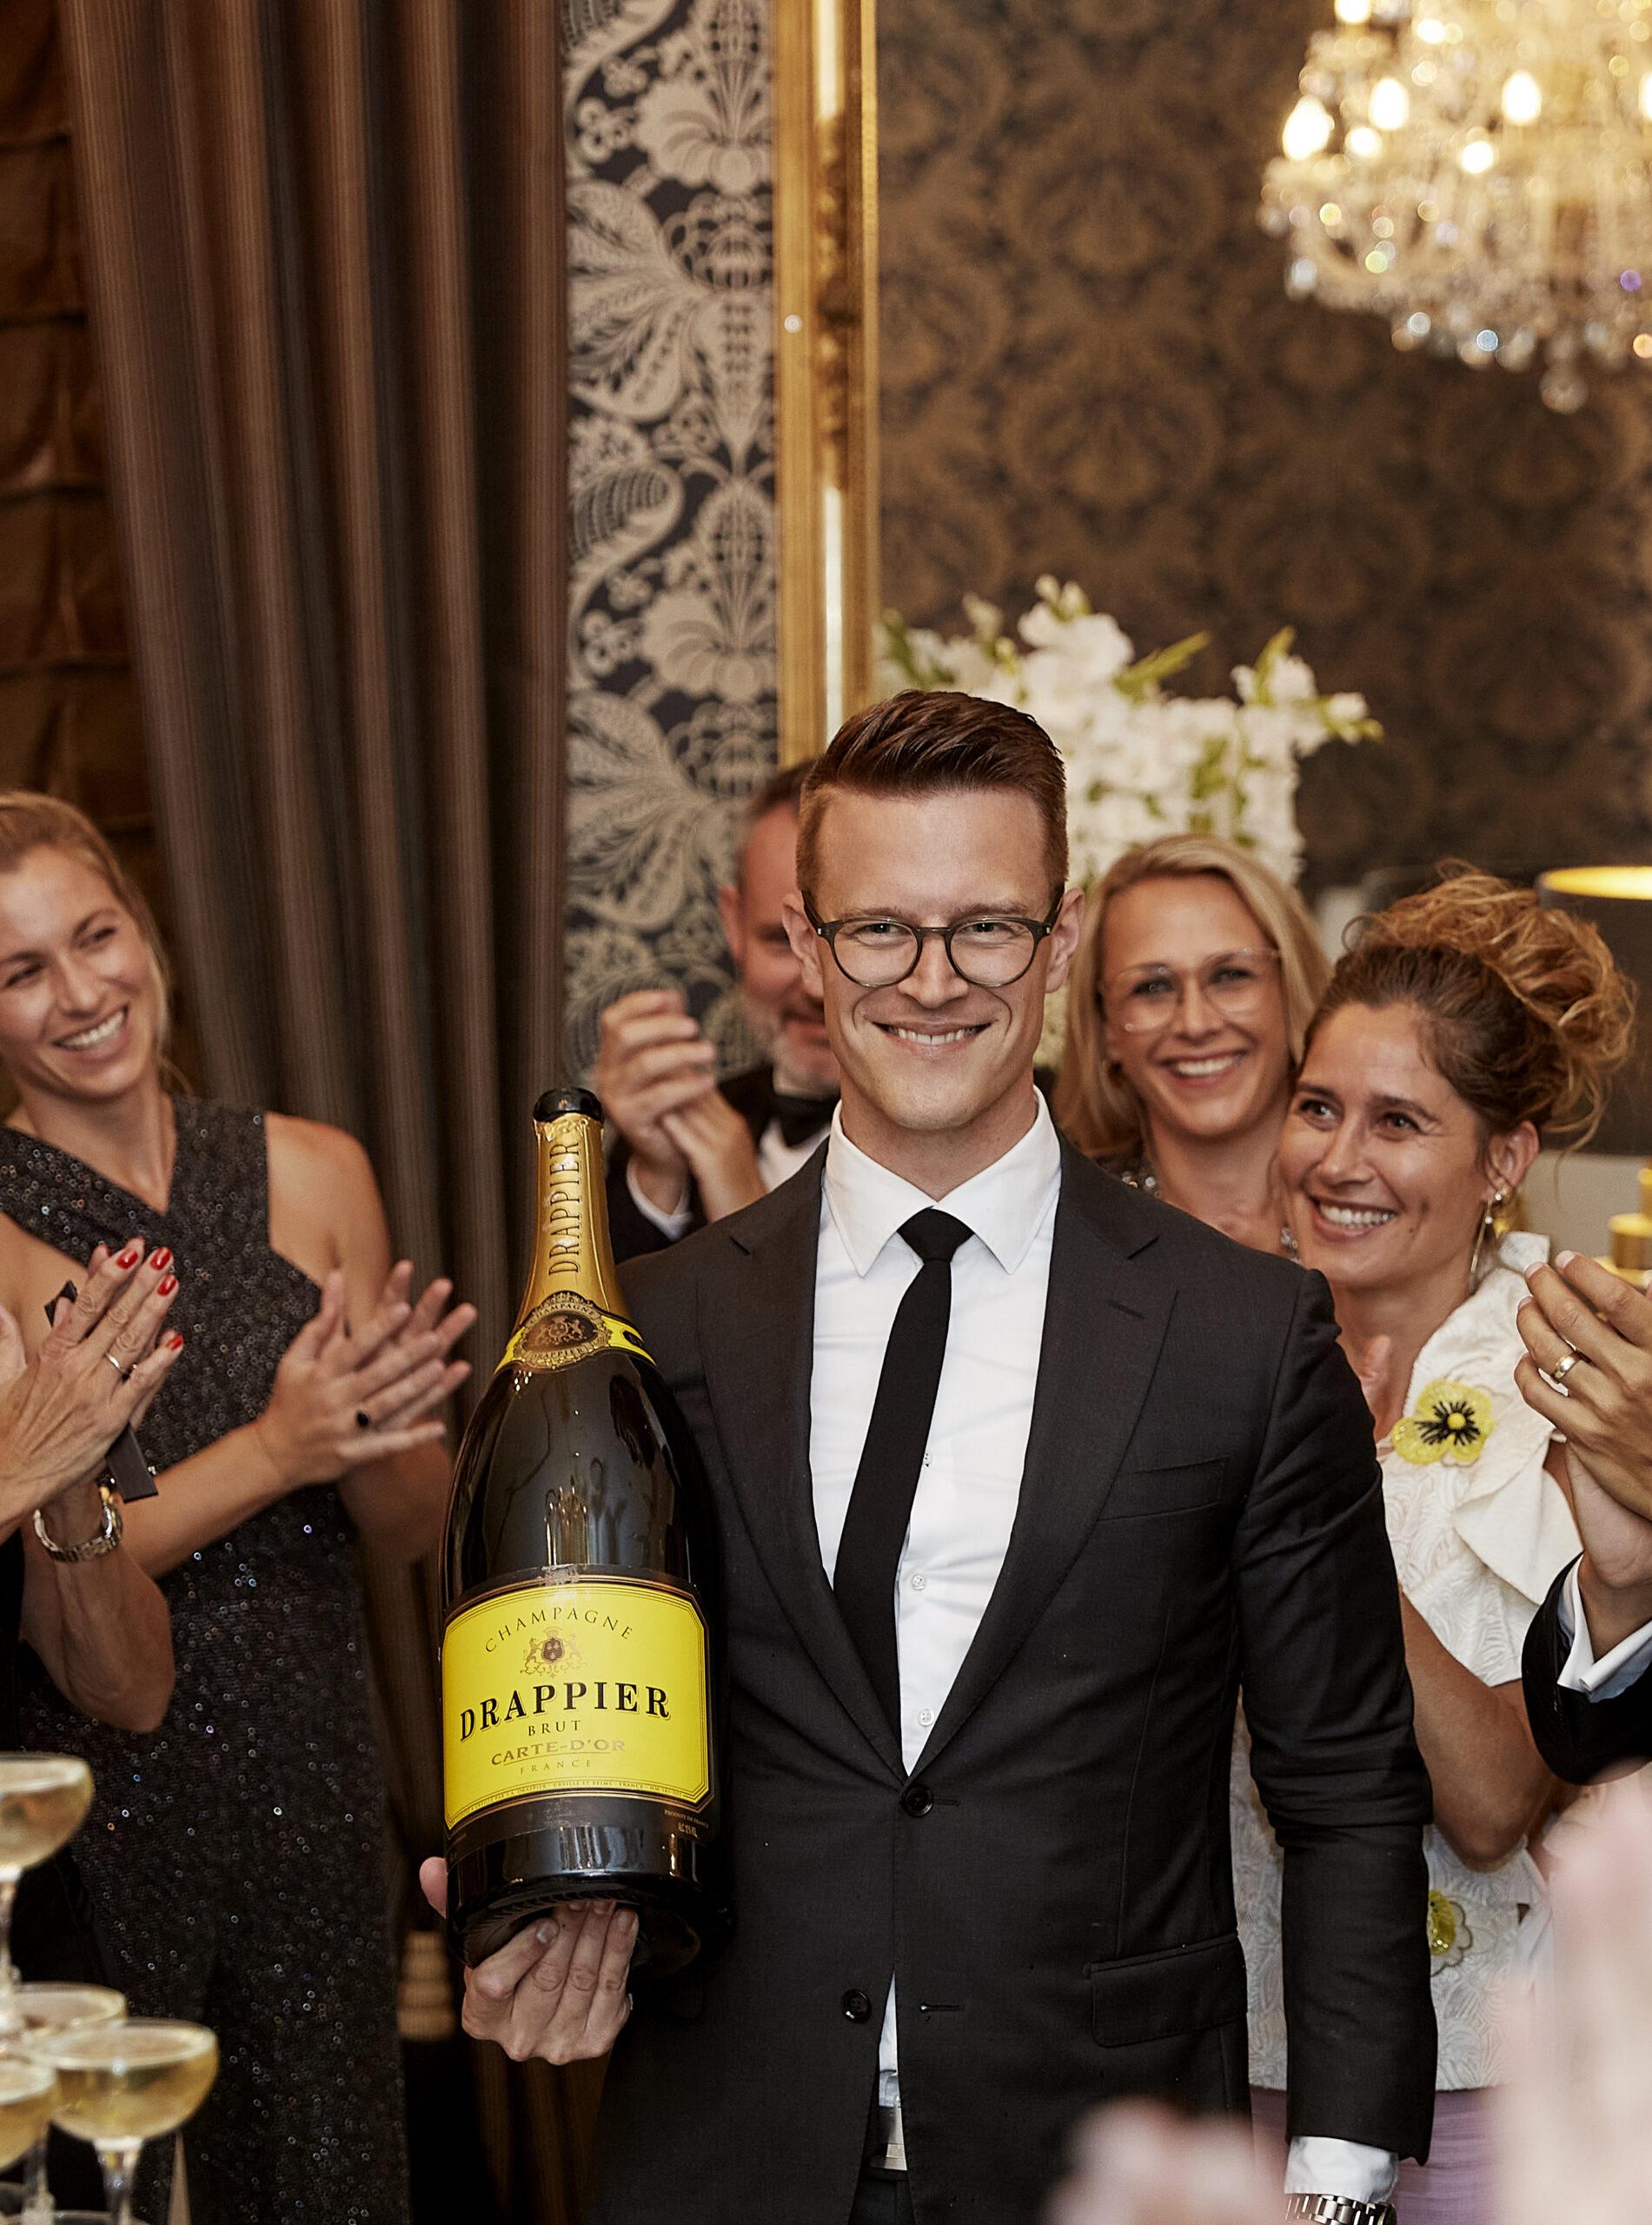 Folk klapper i en stor forsamling mens en mand bliver hyldet med en kæmpe champagne flaske